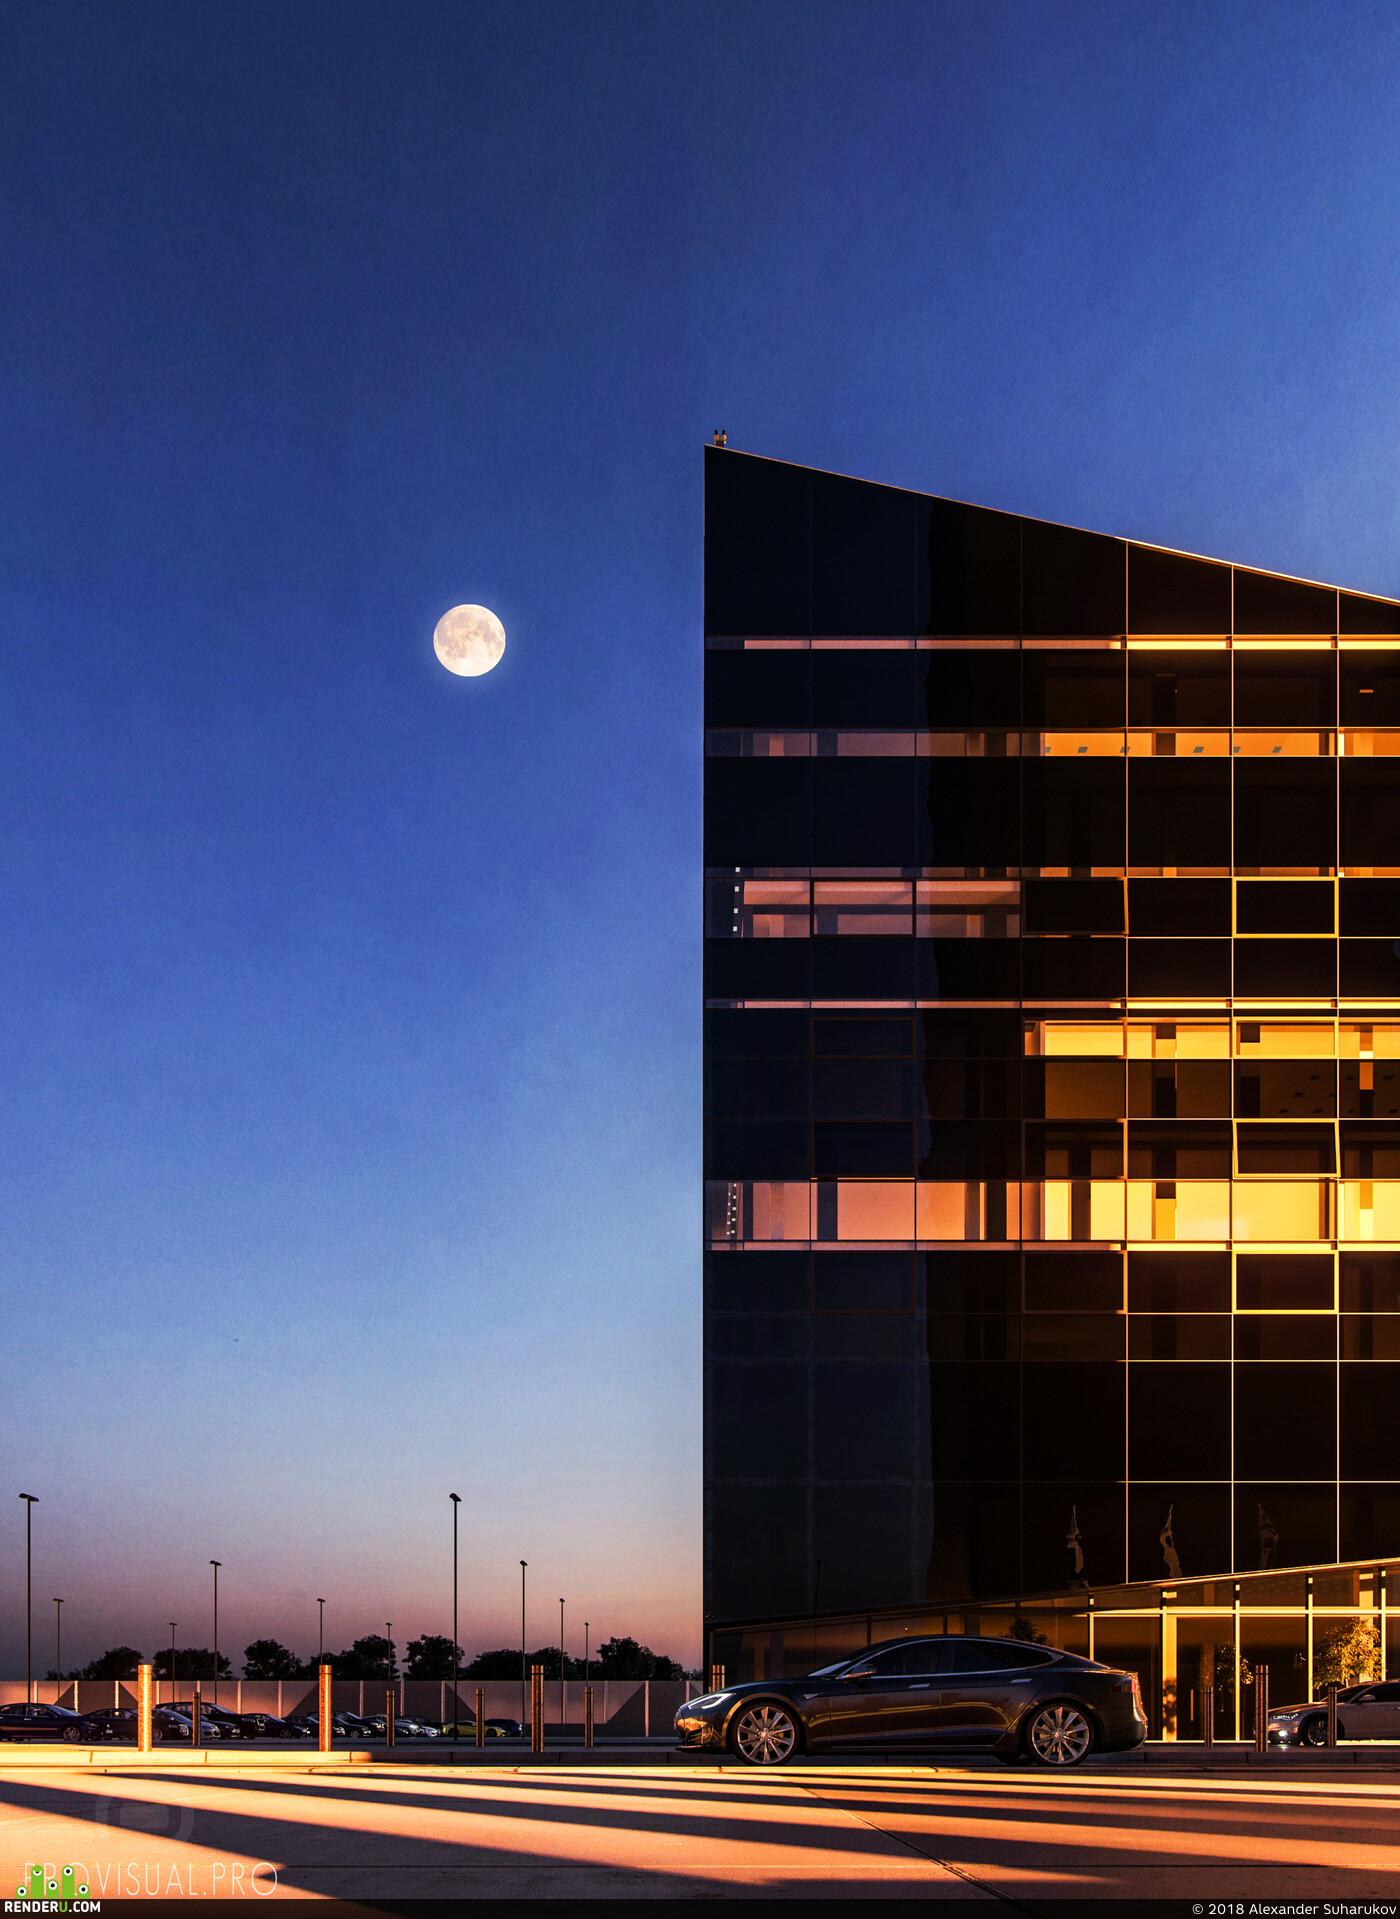 отель, corona, Экстерьер, закат, гостиница, архвиз, Визуализация, архитектурная визуализация, визуализация, архитектура, интерьер, корона